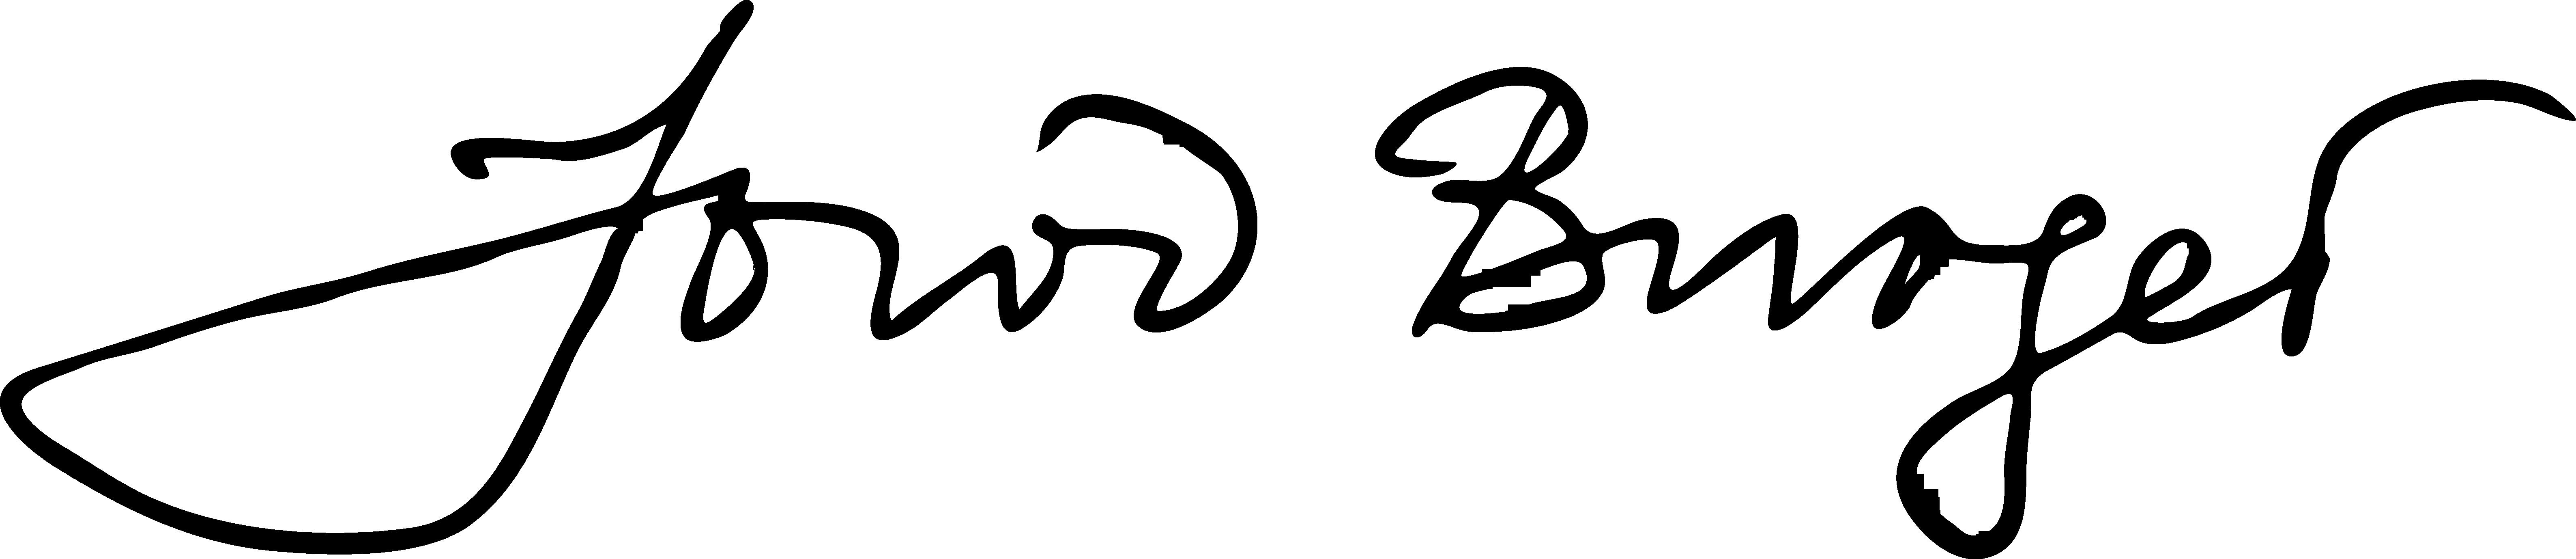 Jowi Burger's Signature